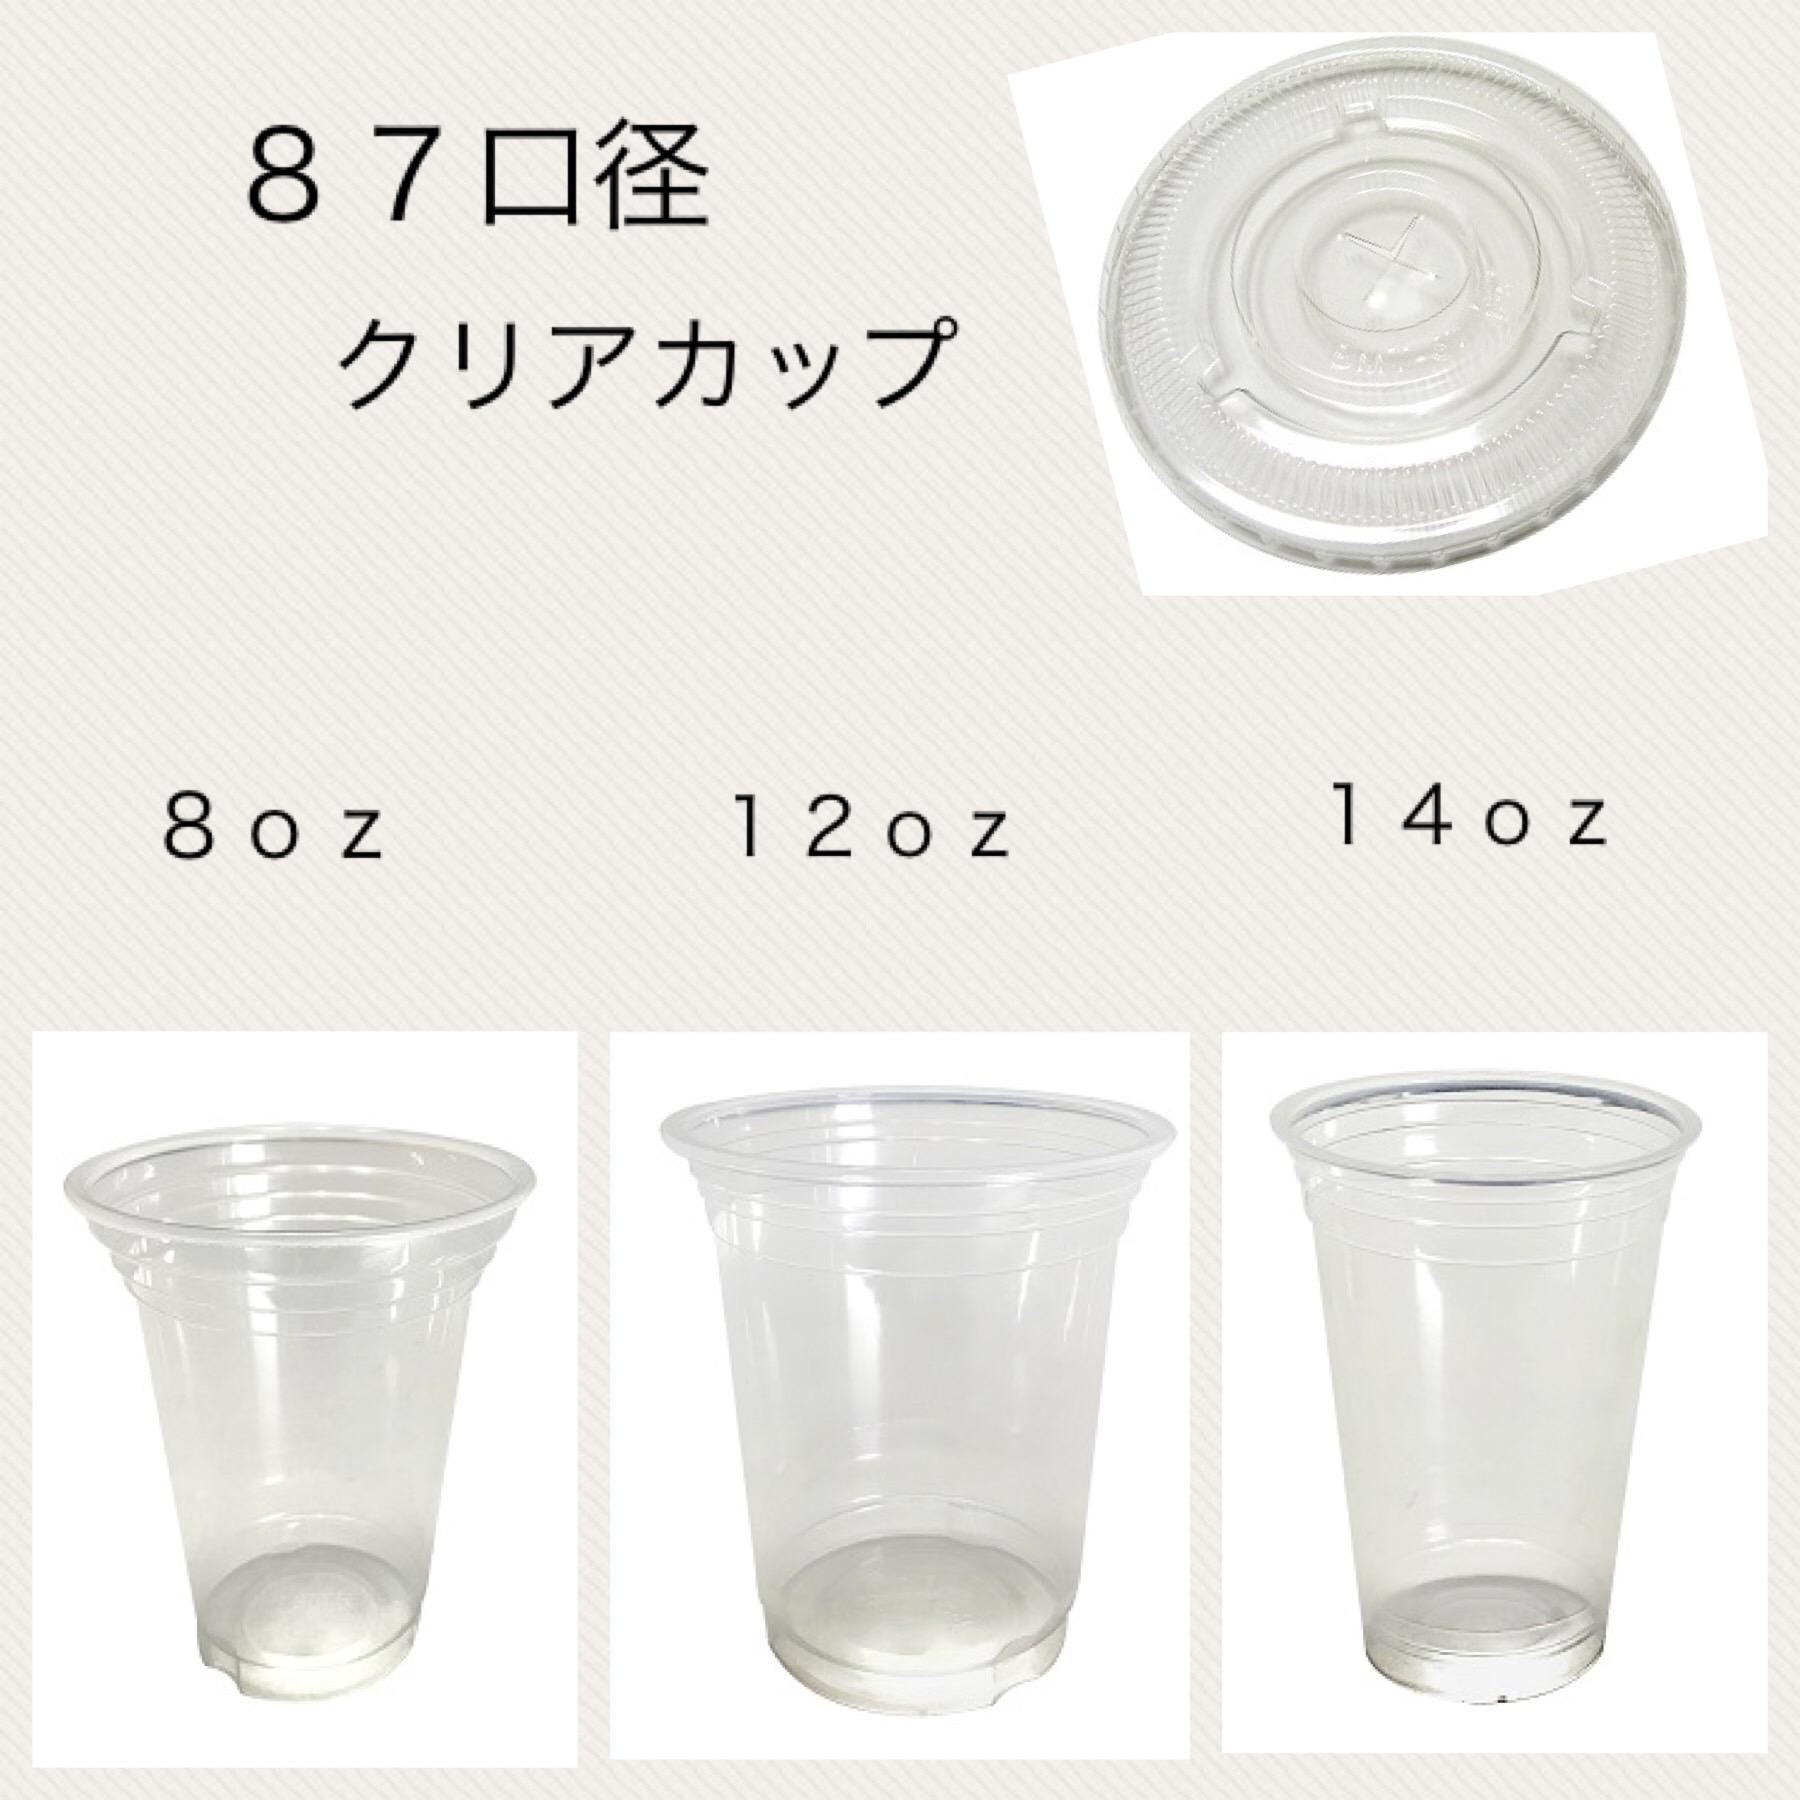 【プラカップ・紙コップ】テイクアウト 使い捨てカップ コーヒーカップ 87 口径アイスフタ 2000個